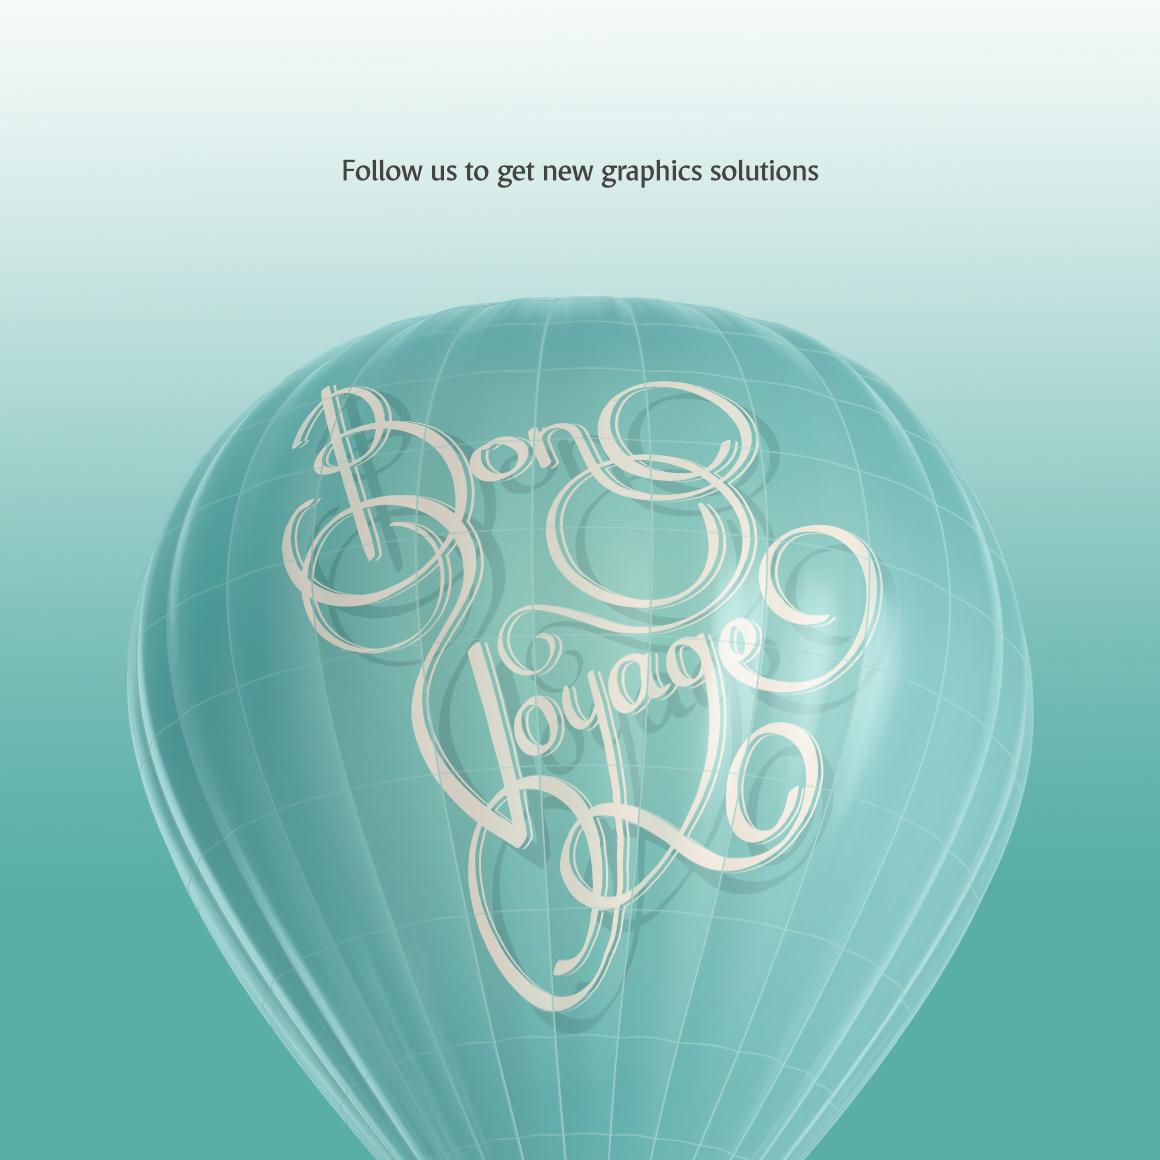 Hot Air Balloon Mockup example image 7